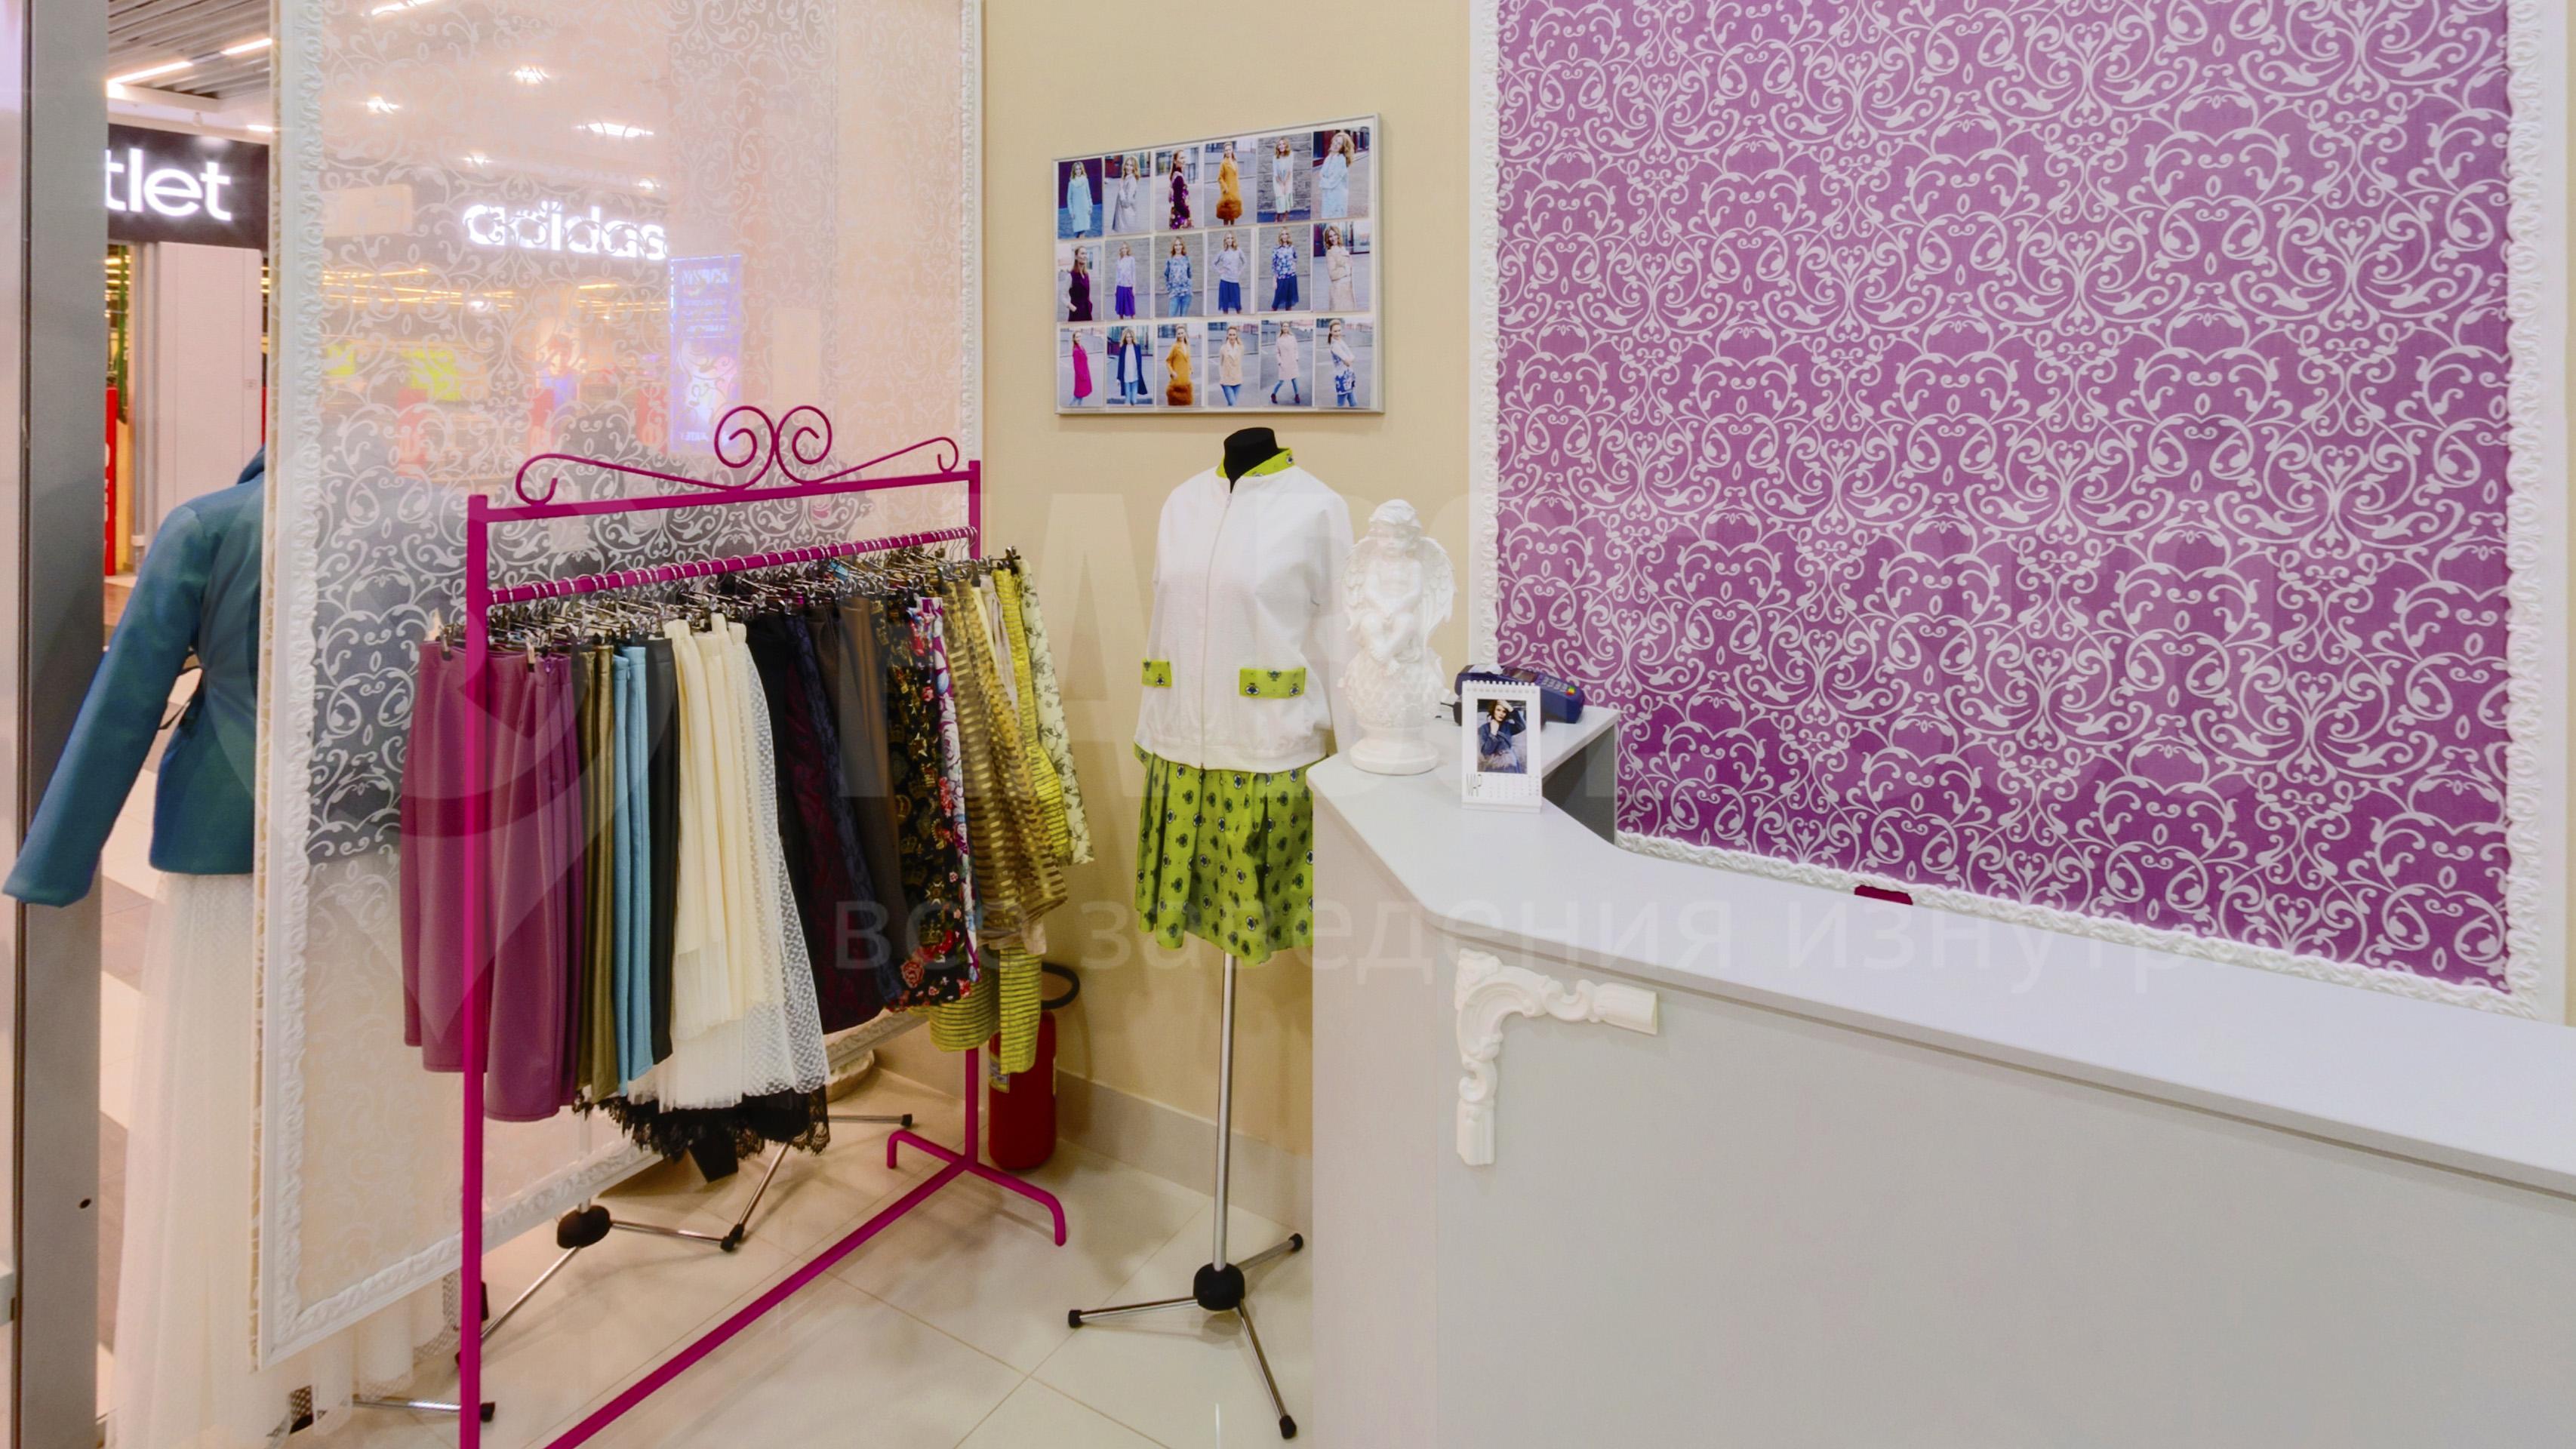 Одежда и наряды модные пальто в ателье Radadesign atelier